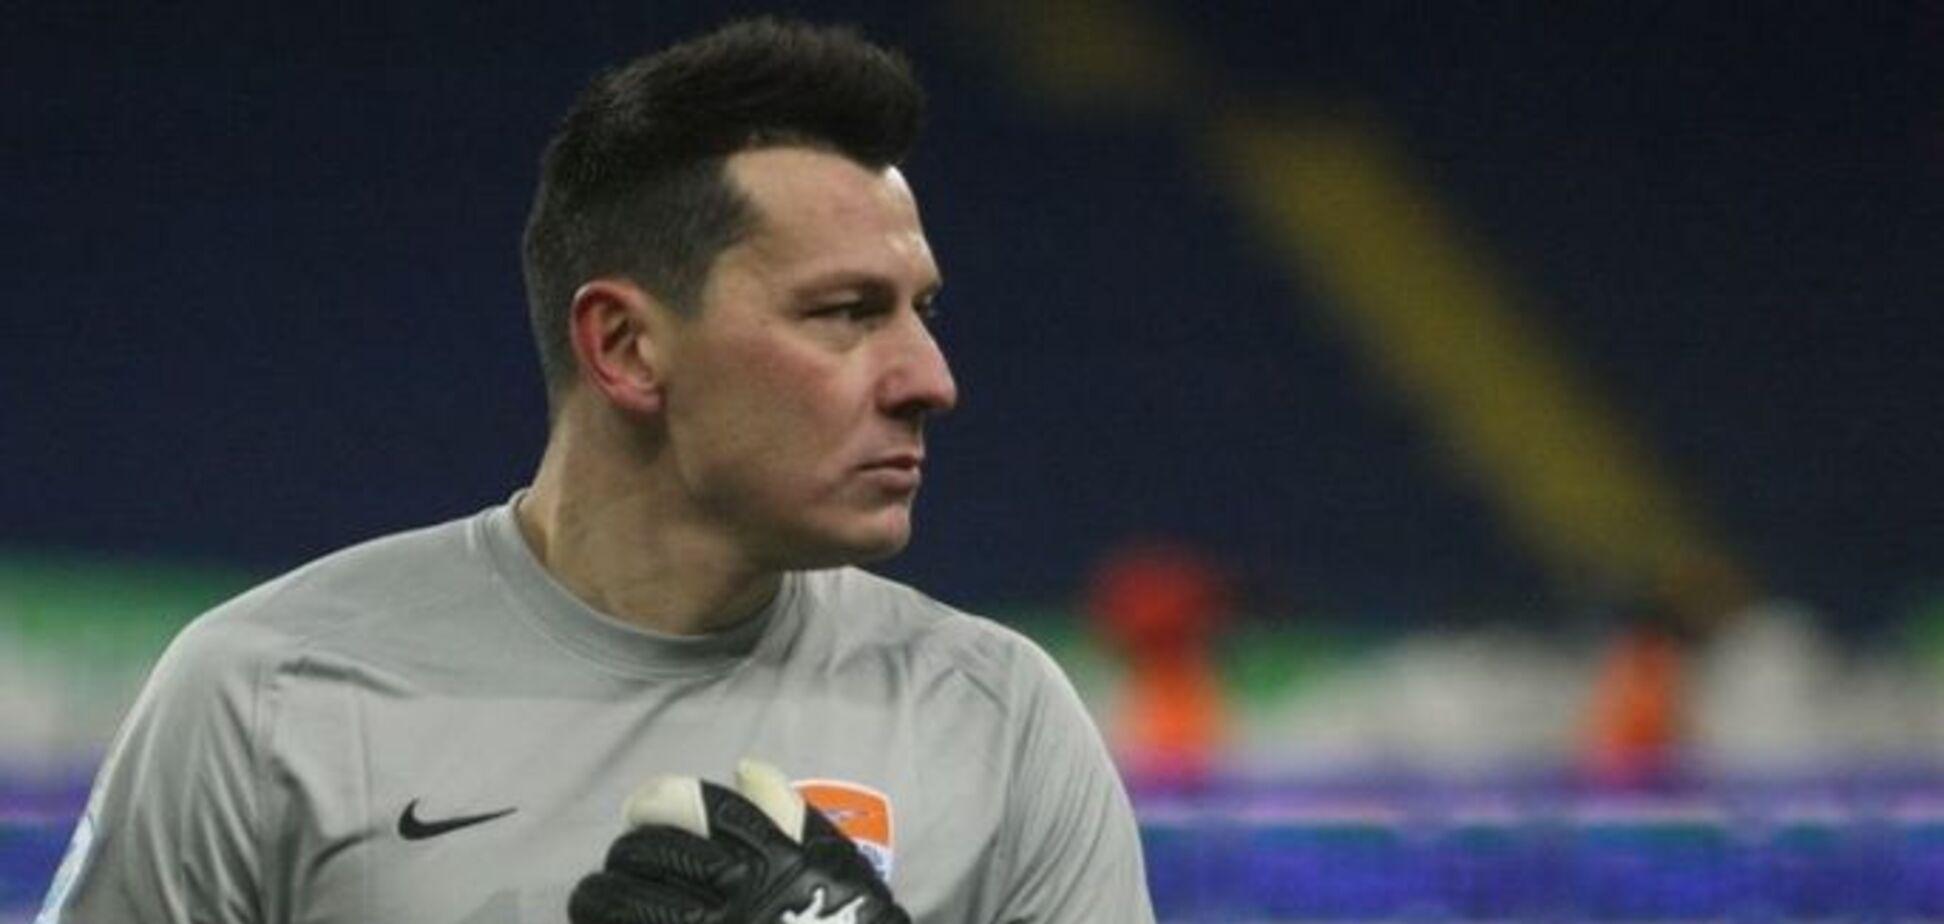 'О чем бл**ь...' Капитан 'Мариуполя' пришел в ярость после игры с 'Динамо'